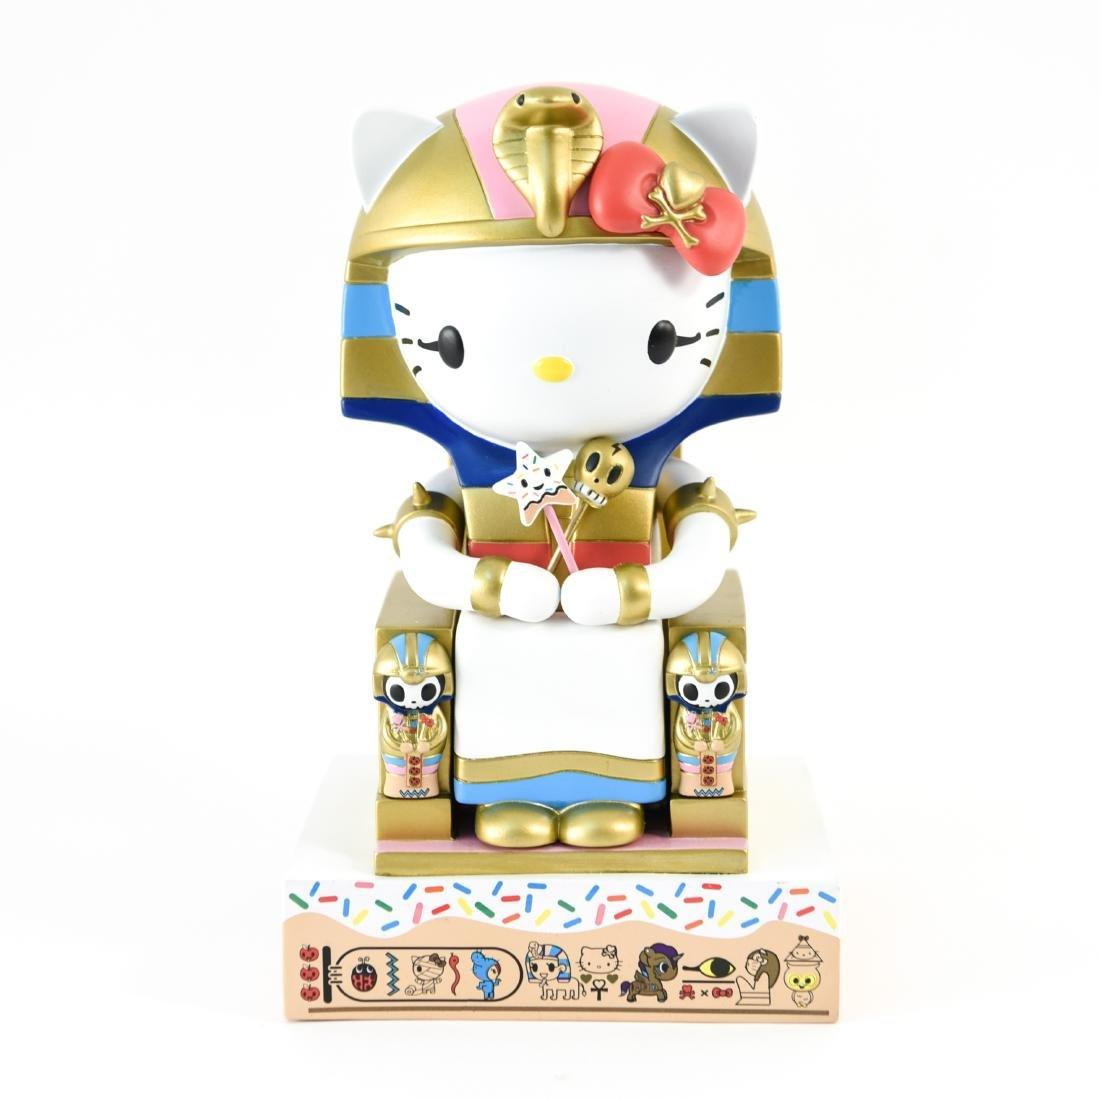 TOKIDOKI X HELLO KITTY KITTYPATRA FIGURE - 7